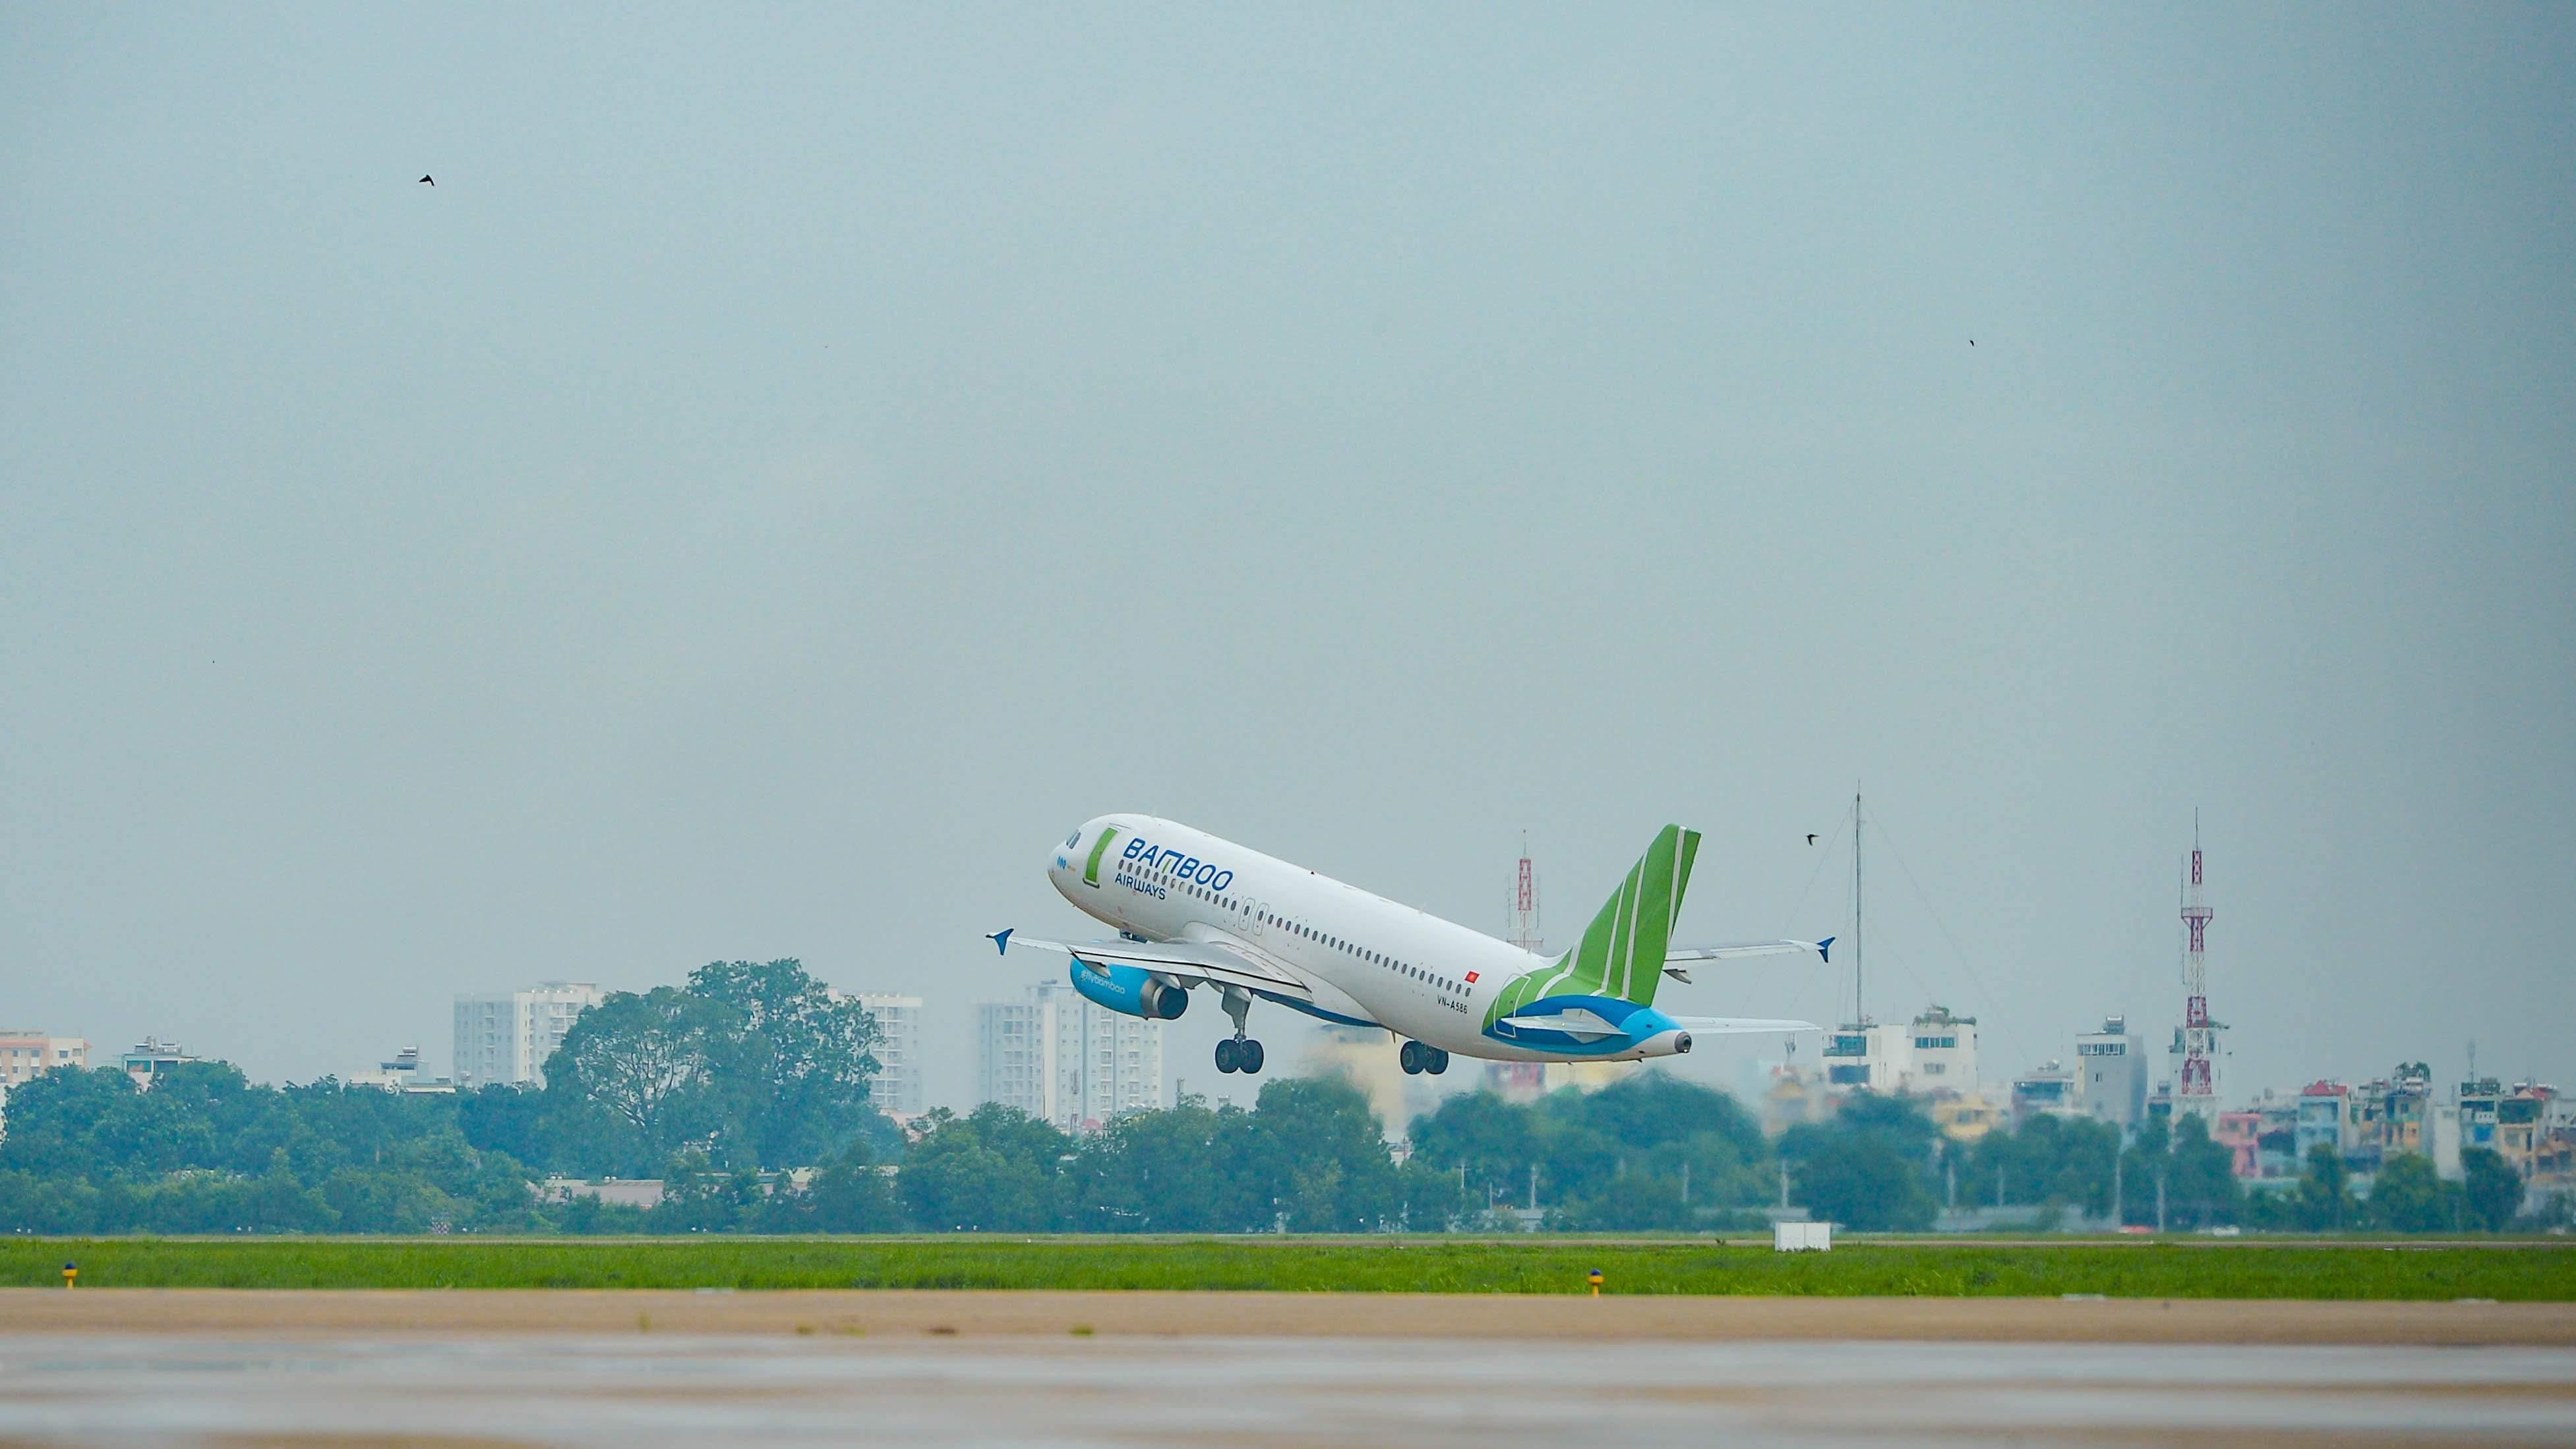 Di chuyển Hà Nội - Vinh bằng cách nào tiện lợi nhất cho hành khách?  - Ảnh 2